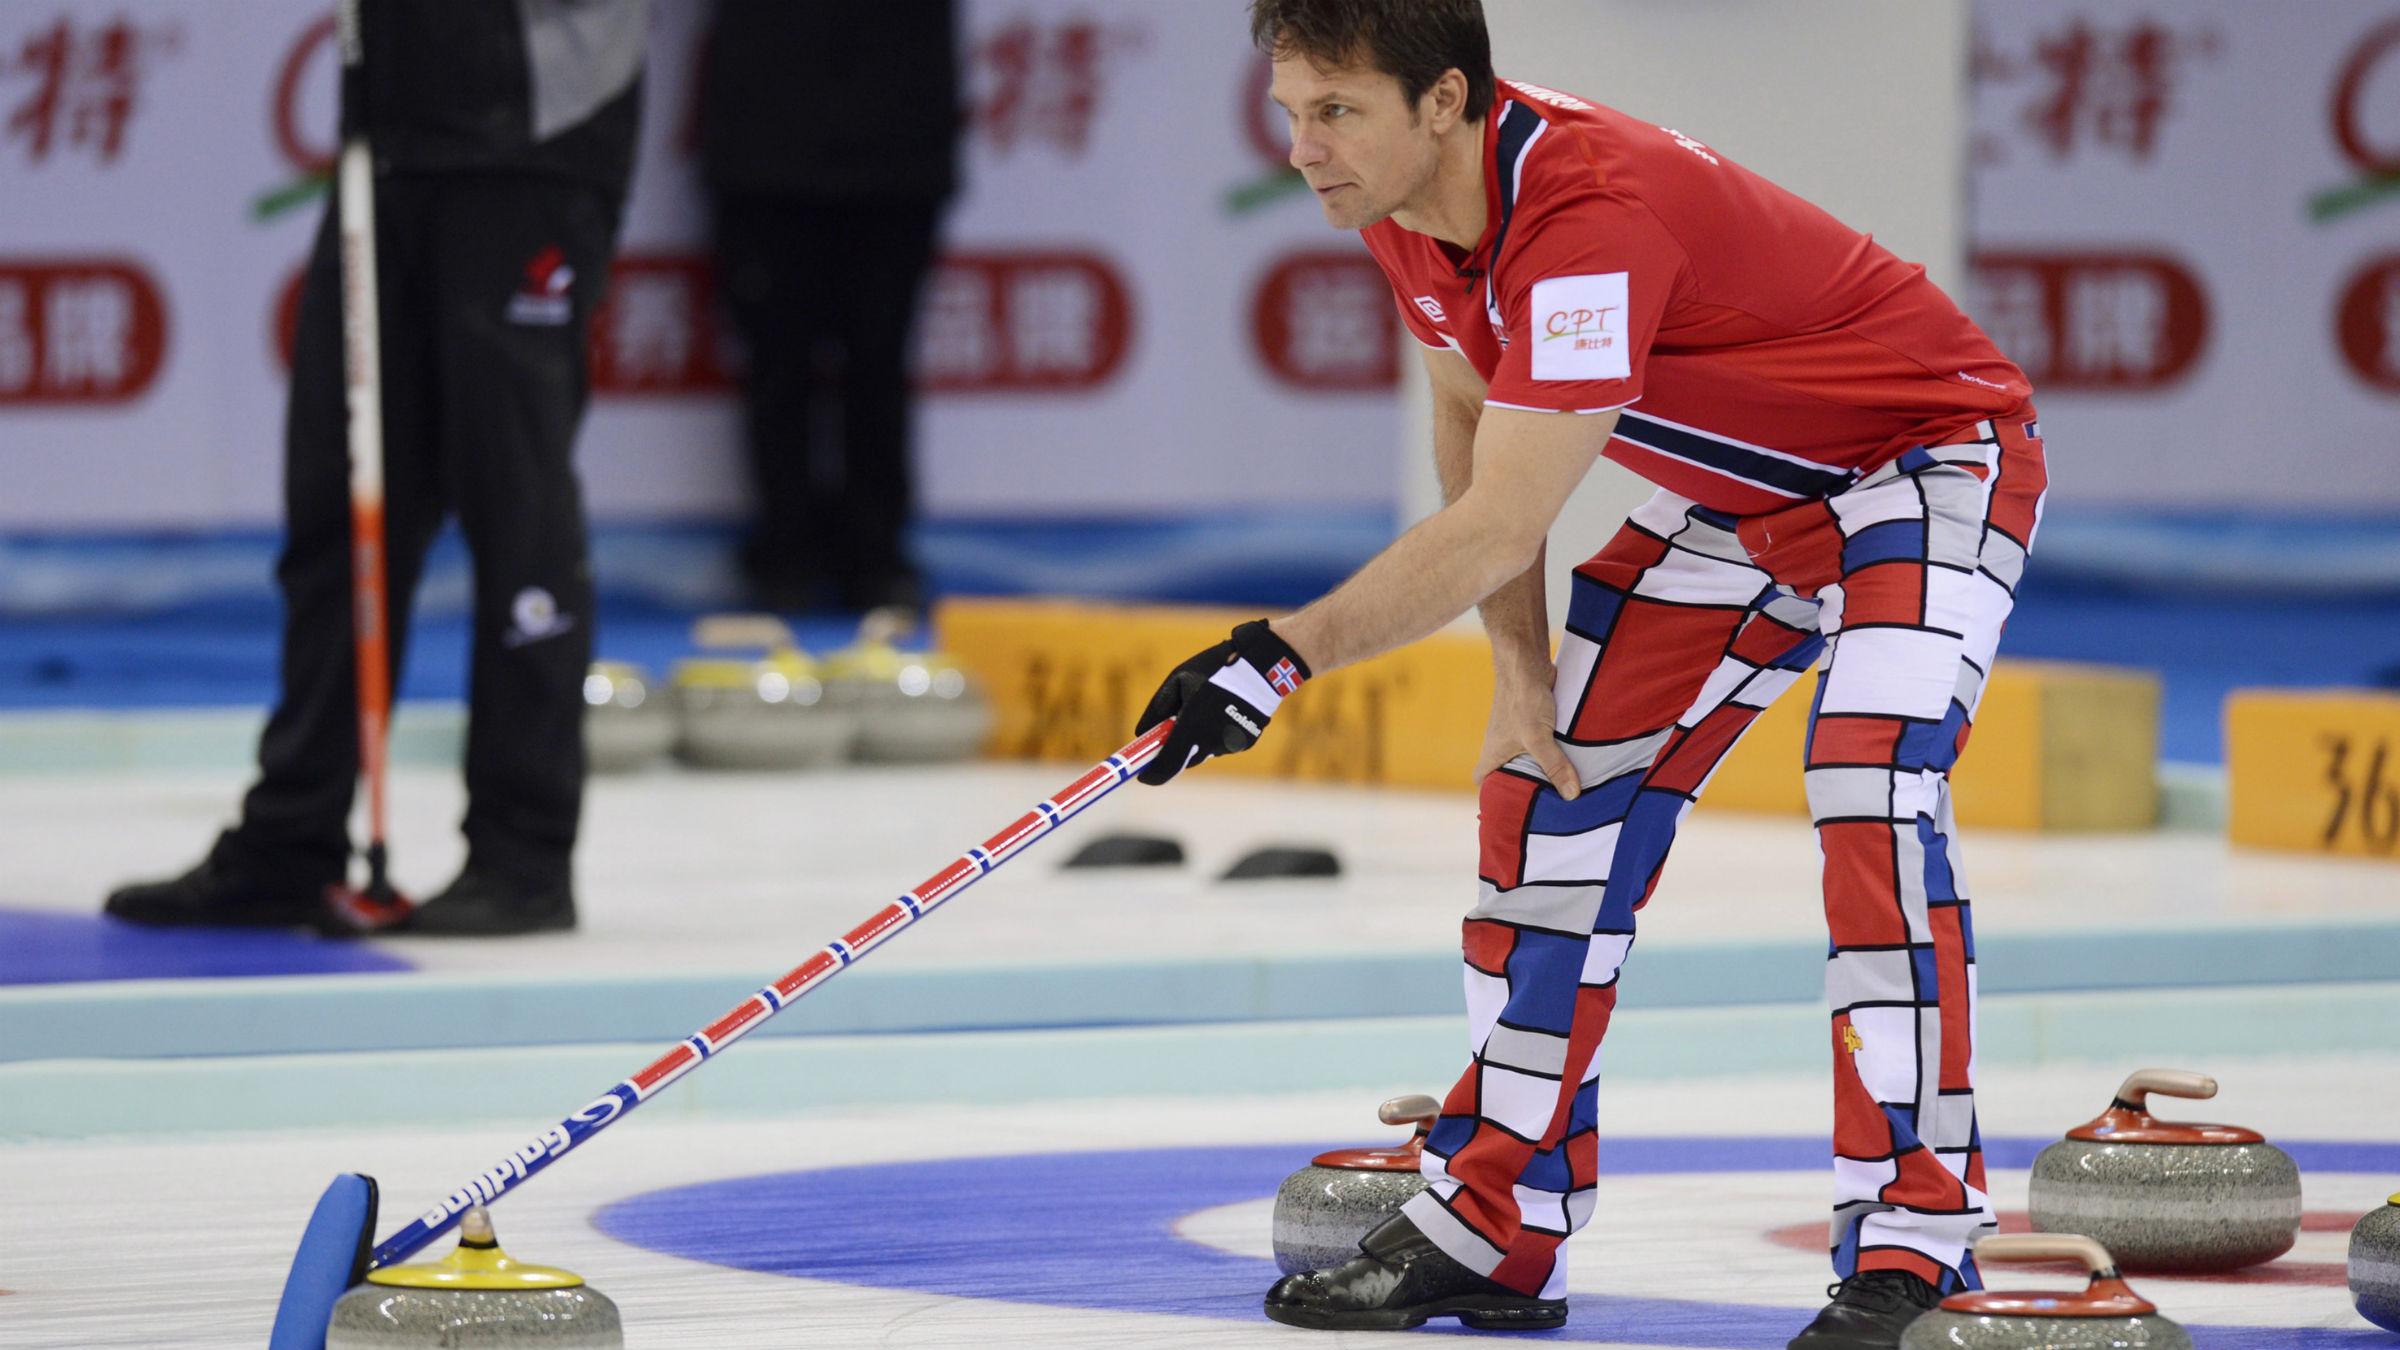 Norway Curling pants